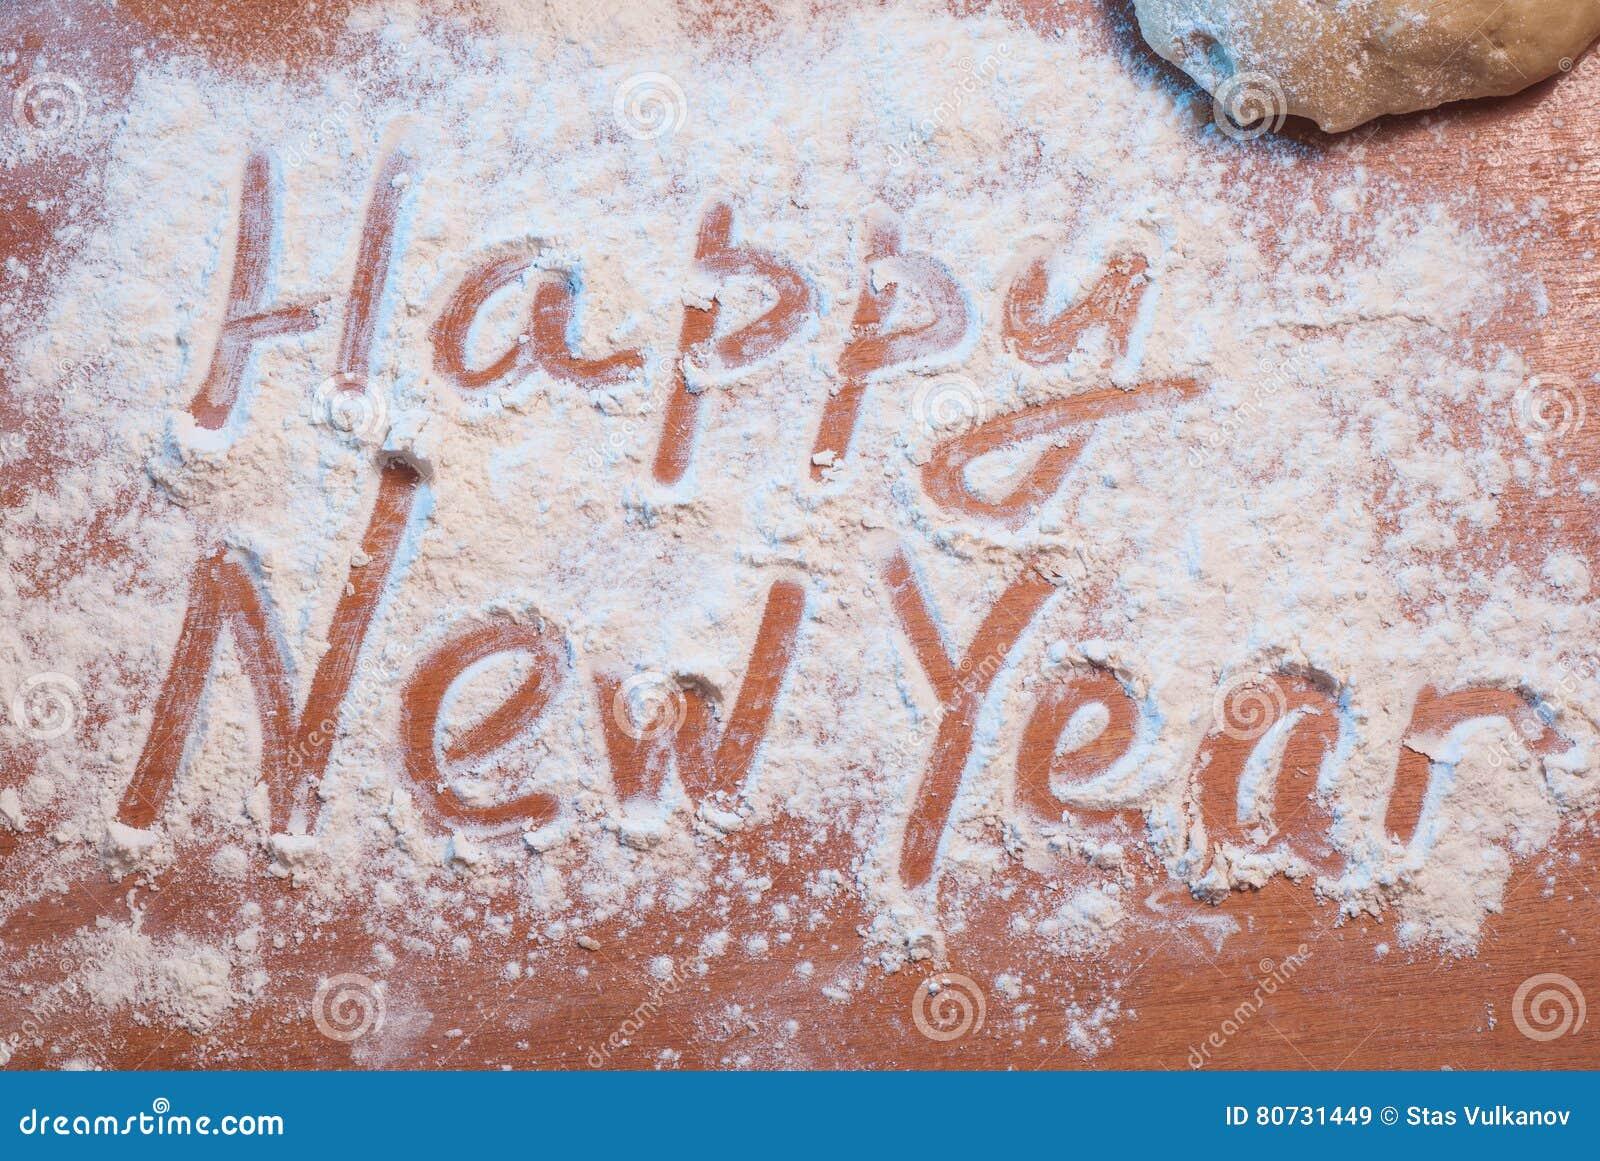 Καλή χρονιά που γράφεται στο αλεύρι,